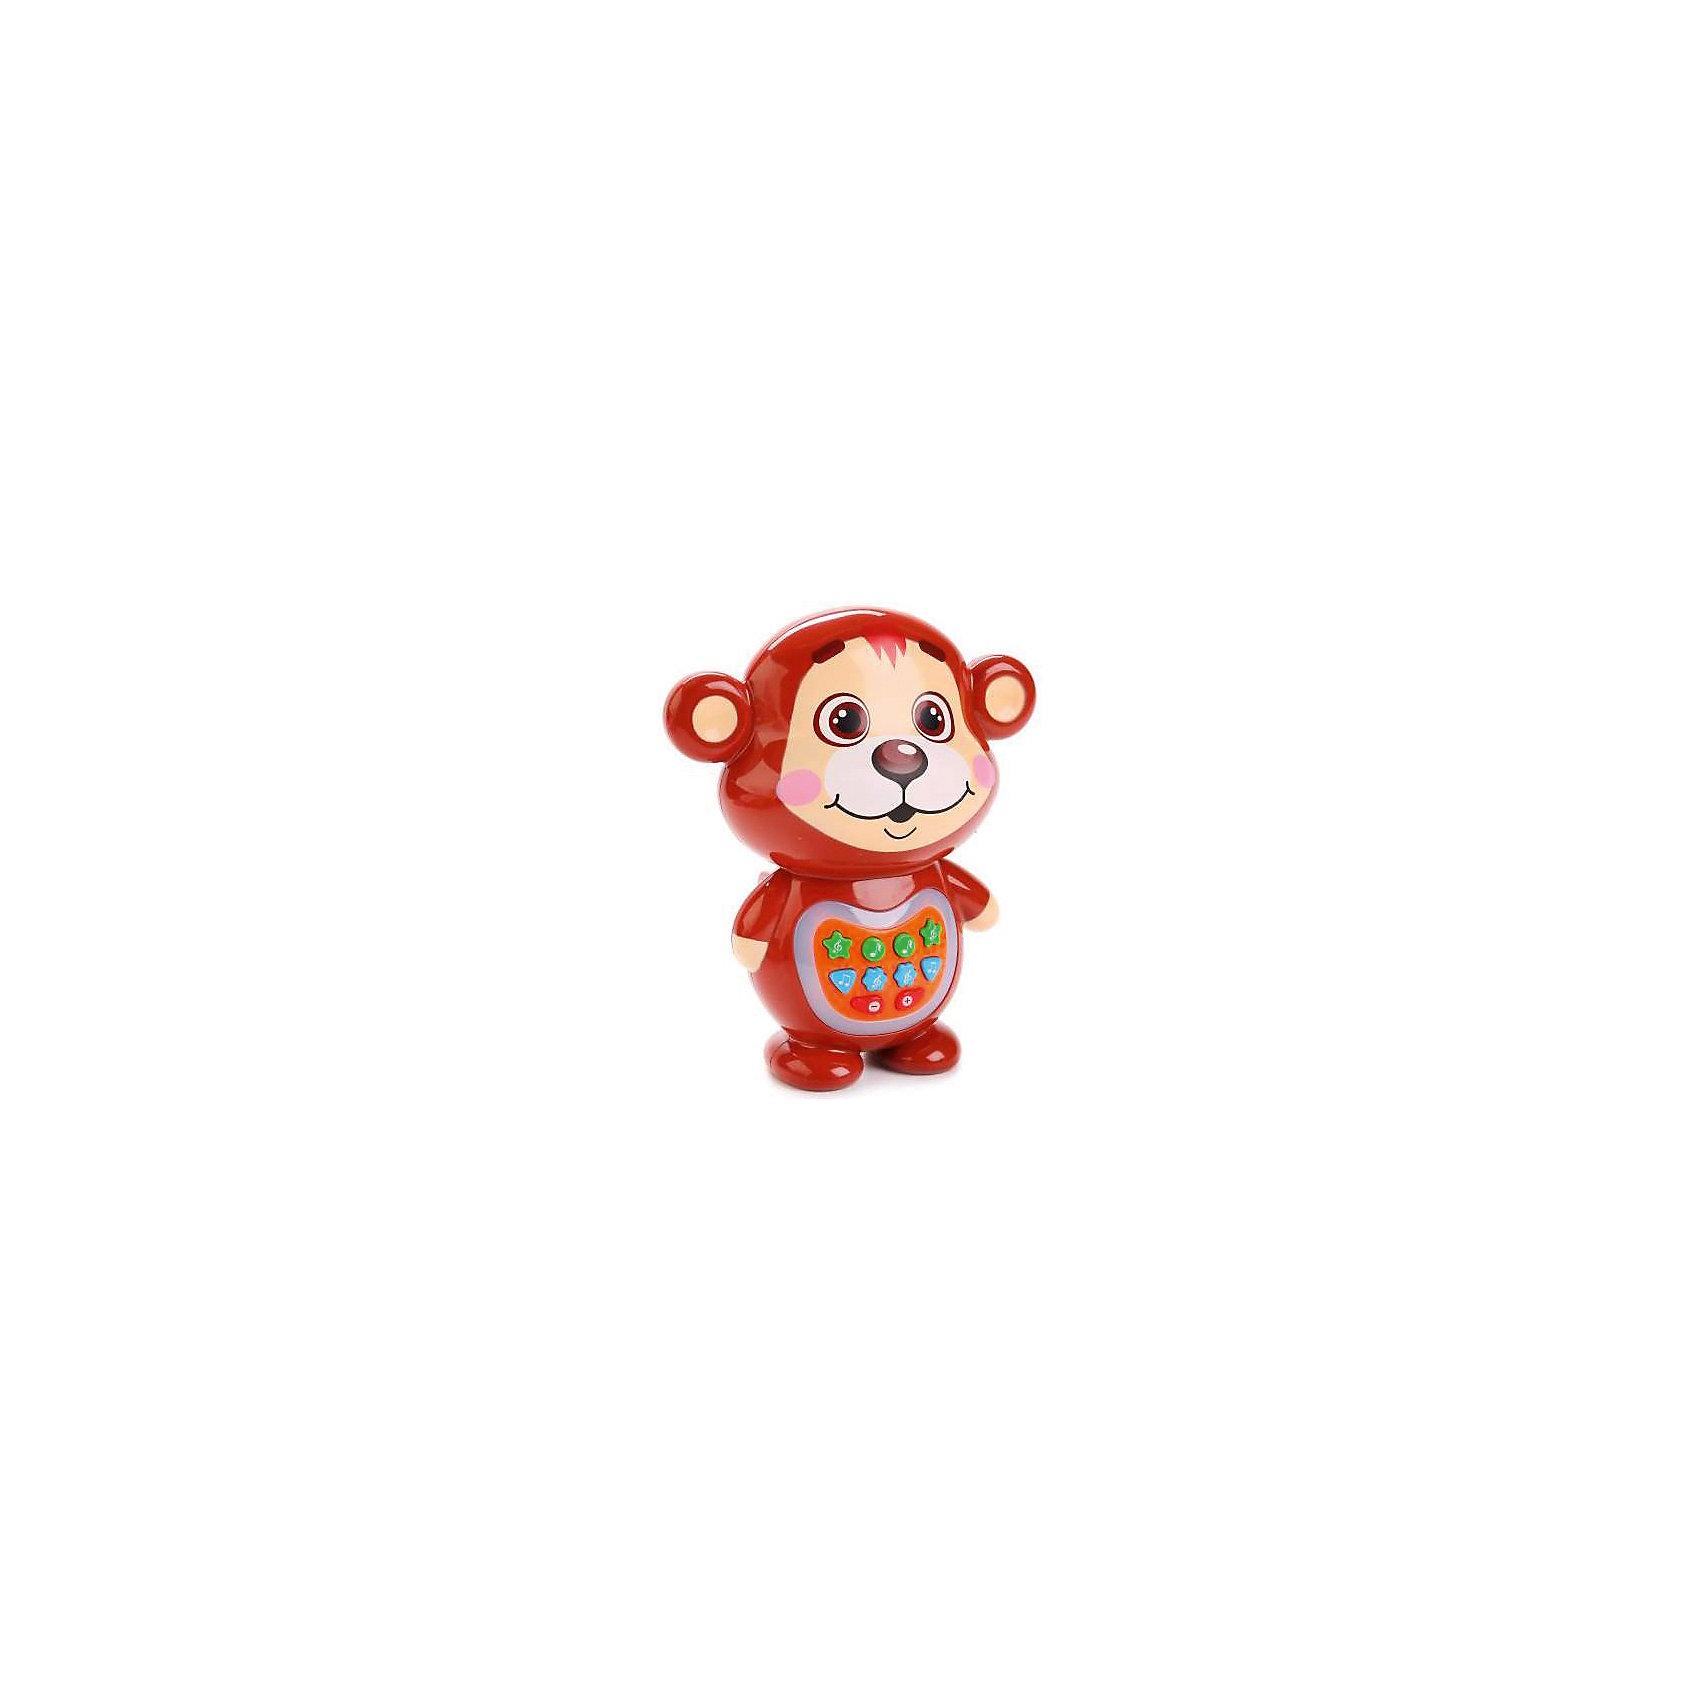 Интерактивная игрушка Умка Медвежонок-сказочник, стихи ЧуковскогоИнтерактивные игрушки для малышей<br>Характеристики товара:<br><br>• возраст: от 3 лет;   <br>• комплектация: 1 игрушка; <br>• питание: 3 батарейки типа АА, входят в комплект; <br>• сказки: «Айболит», «Мойдодыр», «Муха-Цокотуха», «Краденое солнце», «Телефон», «Чудо-дерево», «Путаница», «Скрюченная песня»;<br>• материал: пластик;<br>• упаковка: картонная коробка;<br>• размер: 22х9х17 см.;<br>• бренд: Умка; <br>• вес: 0,36 кг.;<br>• страна обладатель: Россия. <br><br> Яркий веселый медвежонок-сказочник расскажет 8 сказок и стихов К.И.Чуковского: Айболит, Мойдодыр, Муха цокотуха, Краденое Солнце, Телефон, Чудо-дерево, Путаница, Скрюченная песня На животике у мишки находятся кнопки, нажимая их, мишка расскажет сказки, стихи. Имеет световые эффекты. Можно регулировать громкость. <br><br>Развивает зрение, память, осязание, воображение, мелкую моторику, слух, логику, кооординацию движений. Игрушка сделана из прочного высококачественного материала. Рекомендовано детям от 3-х лет. Работает от 3 батарейках типа АА (входят в комплект).                                                                                                                                                                                                                                                                                                                                                                                                                                                                                                                                                                                                <br><br>Медвежонока-сказочника можно купить в нашем интернет-магазине.<br><br>Ширина мм: 220<br>Глубина мм: 90<br>Высота мм: 170<br>Вес г: 360<br>Возраст от месяцев: 36<br>Возраст до месяцев: 60<br>Пол: Унисекс<br>Возраст: Детский<br>SKU: 7117604